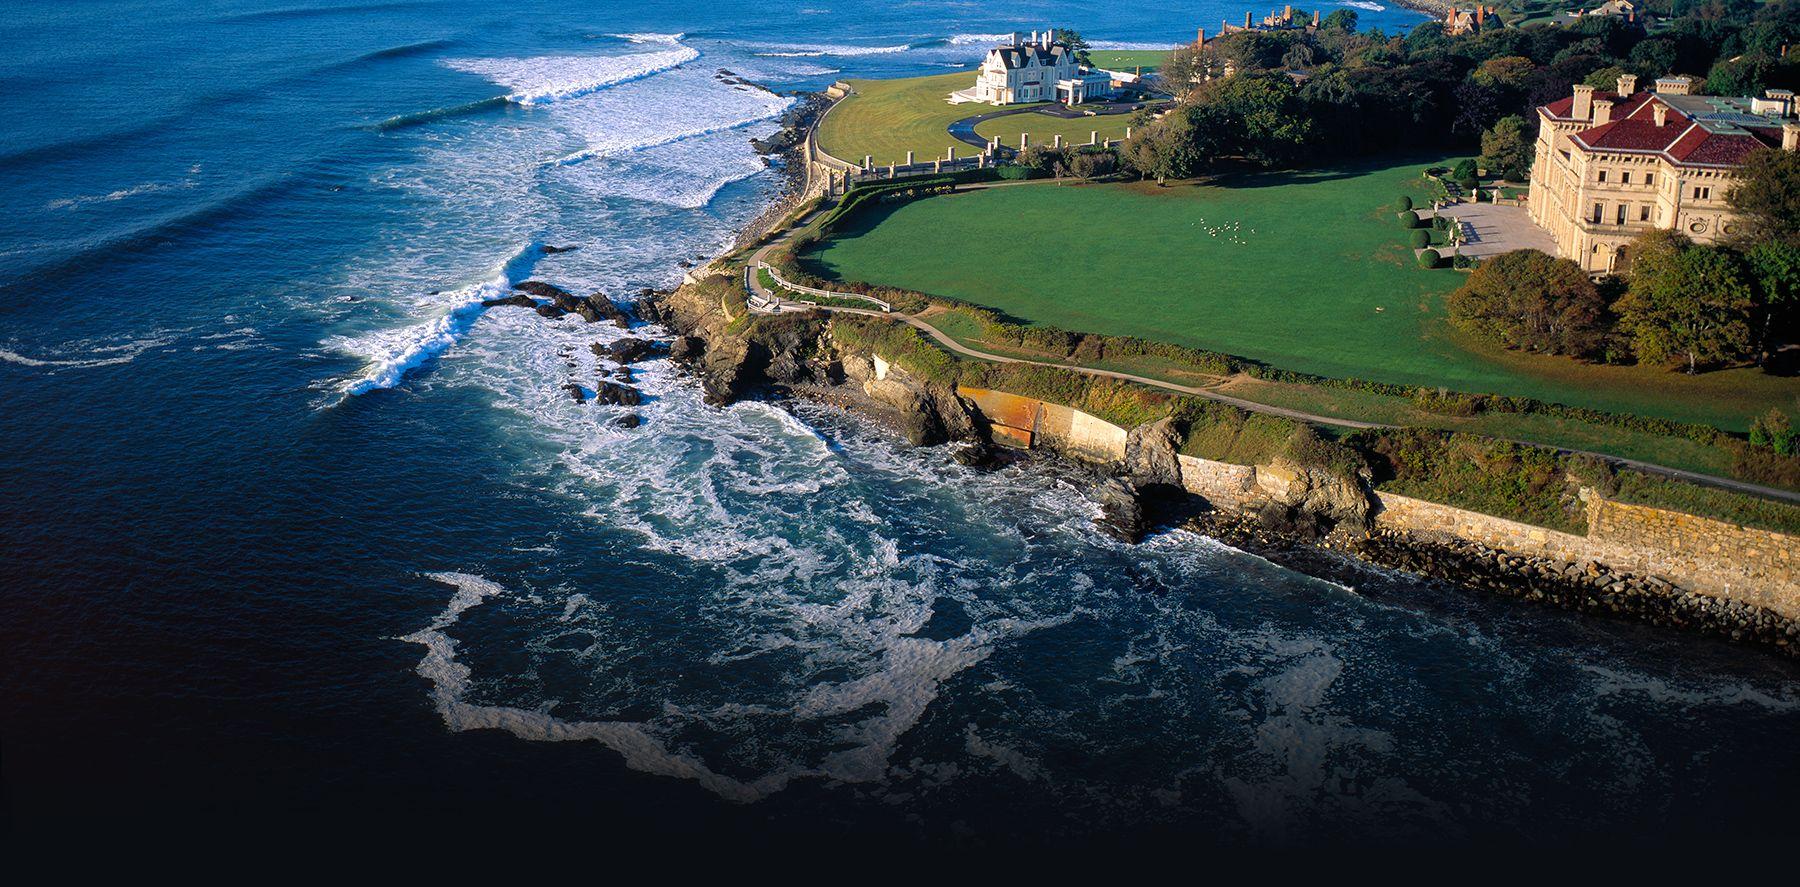 Best Beaches New Providence Ri